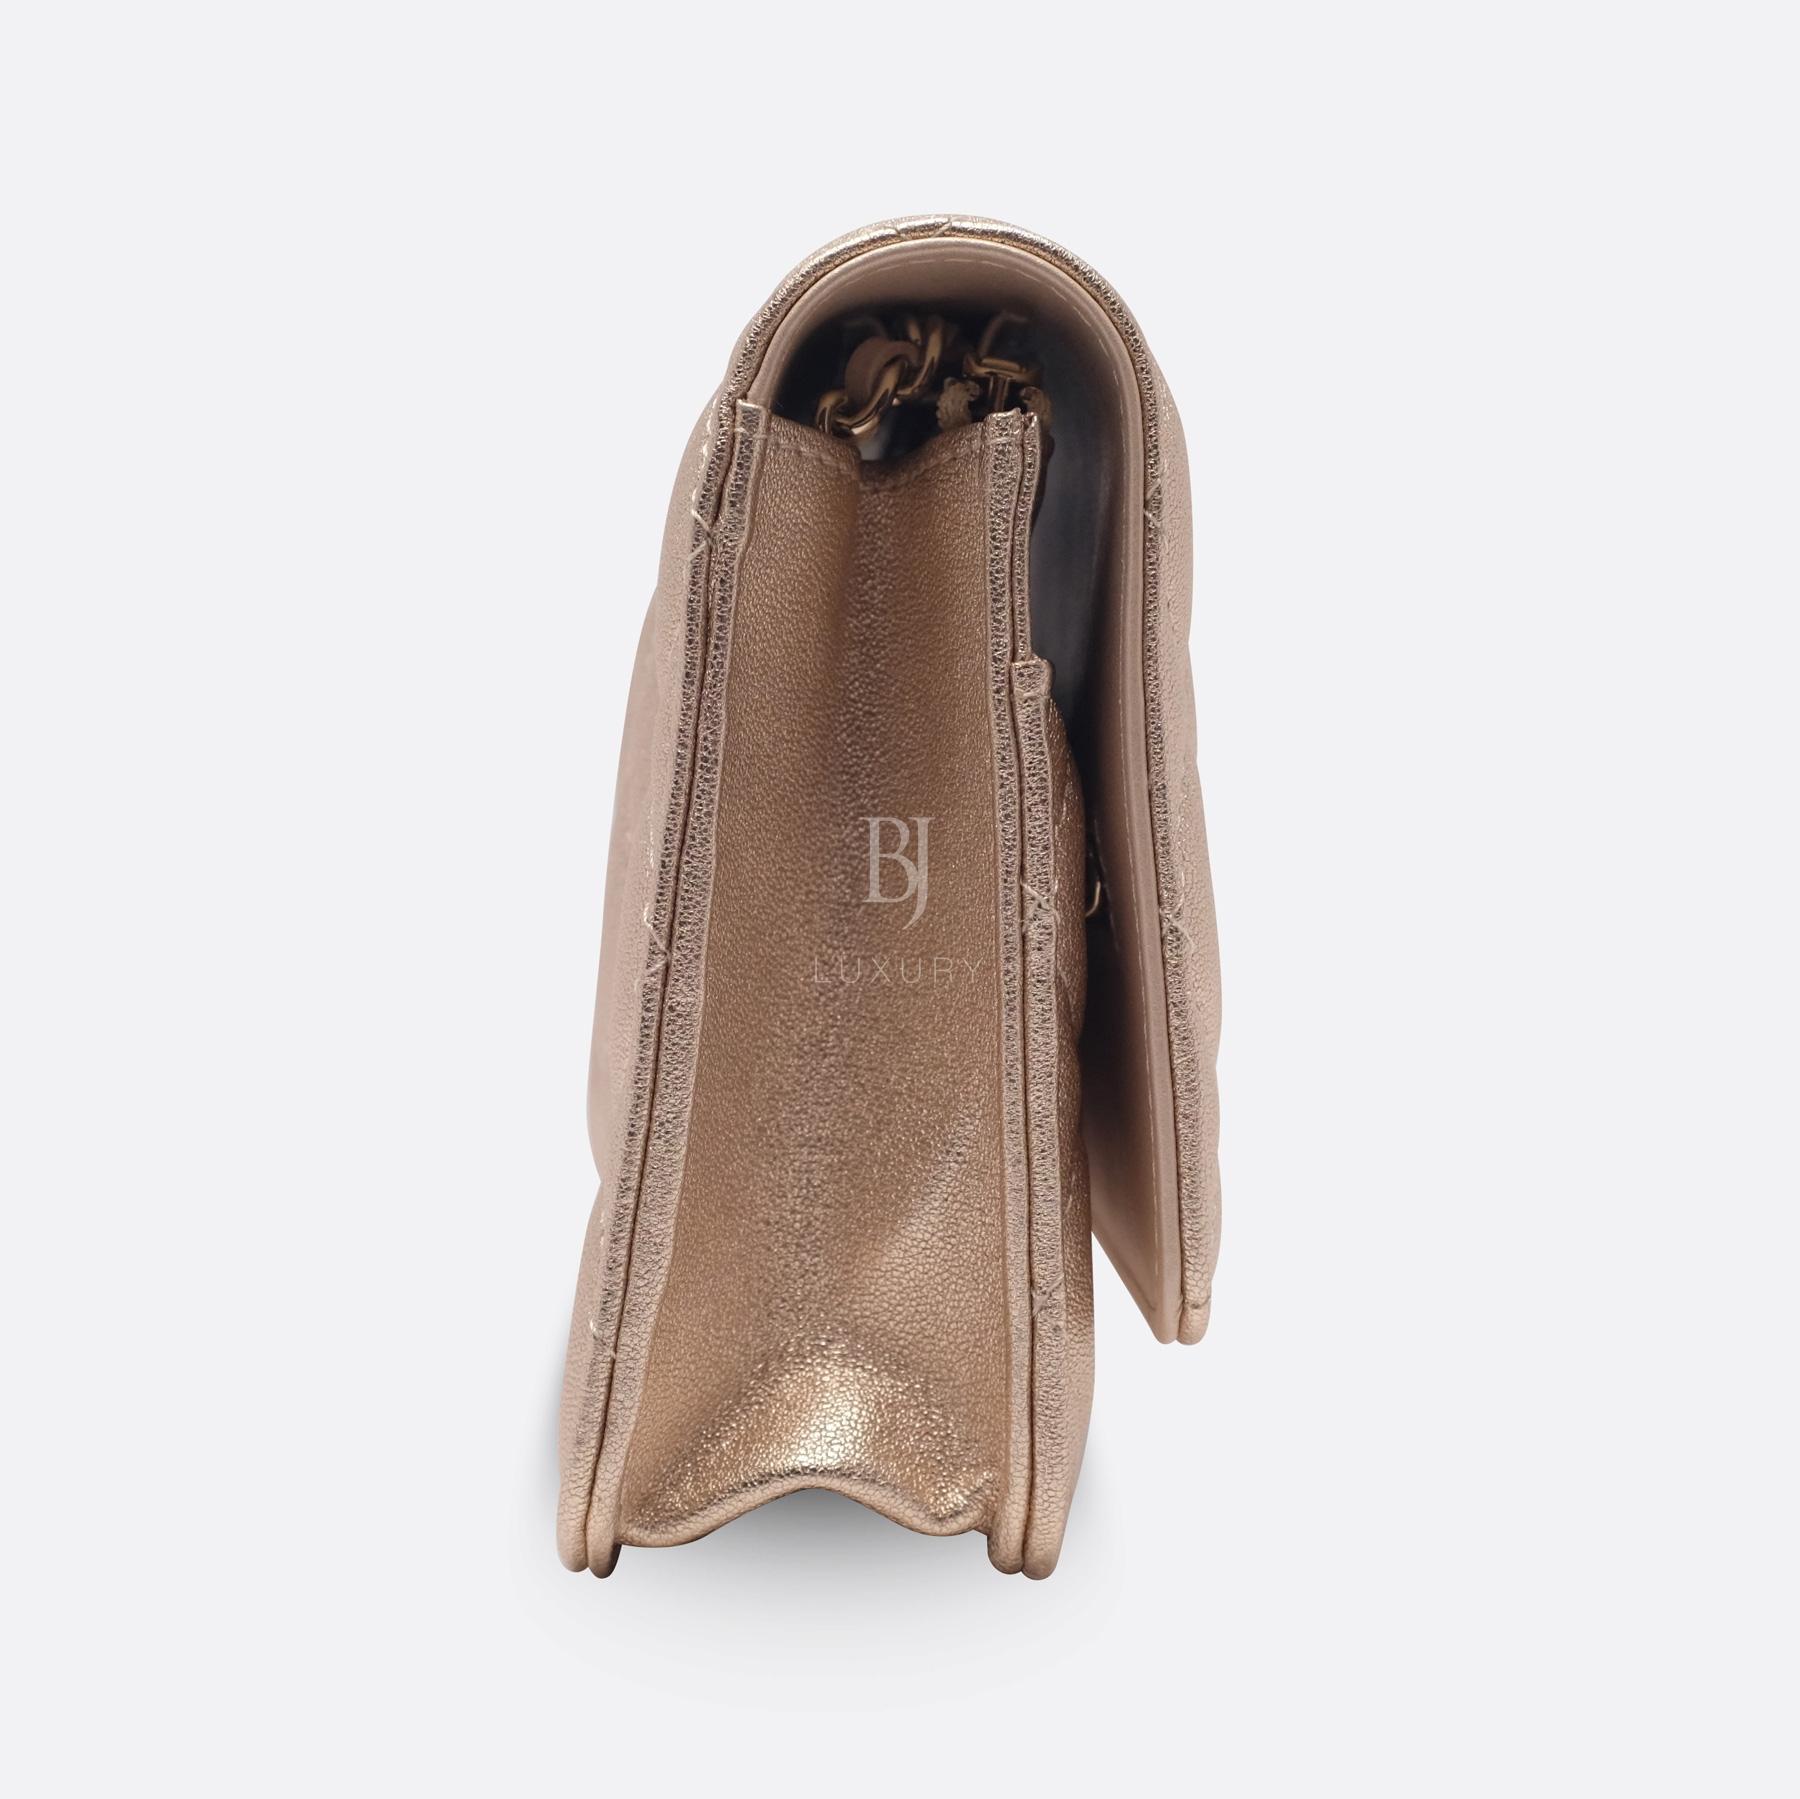 Chanel Wallet on Chain Mini Lambskin Light Gold BJ Luxury 3.jpg